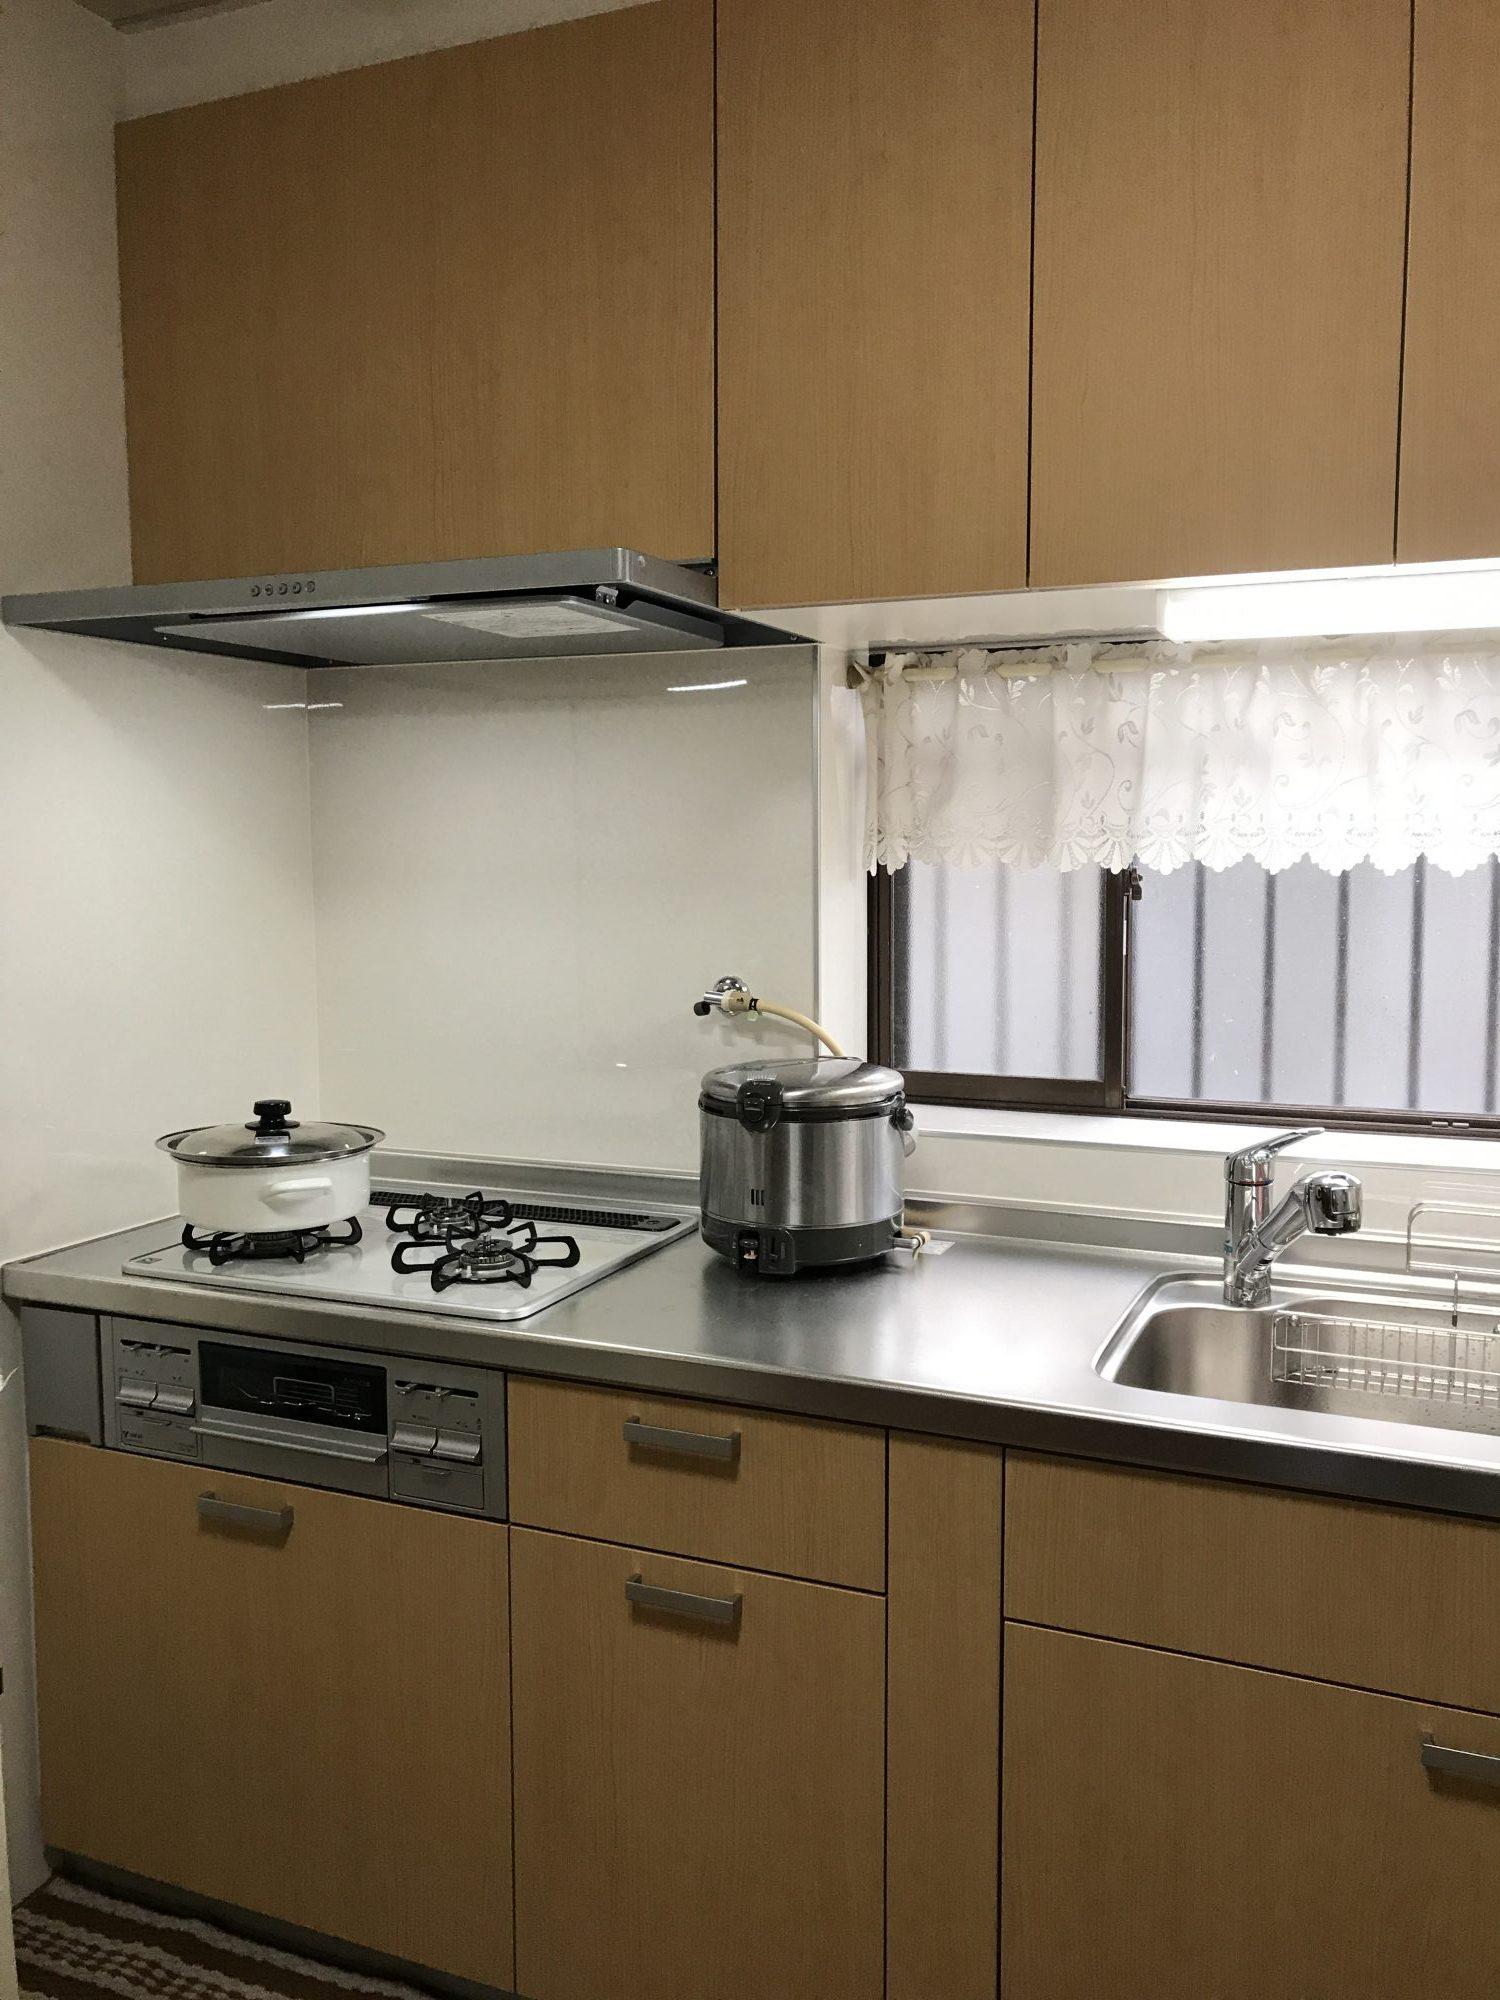 新しいキッチンで毎日快適